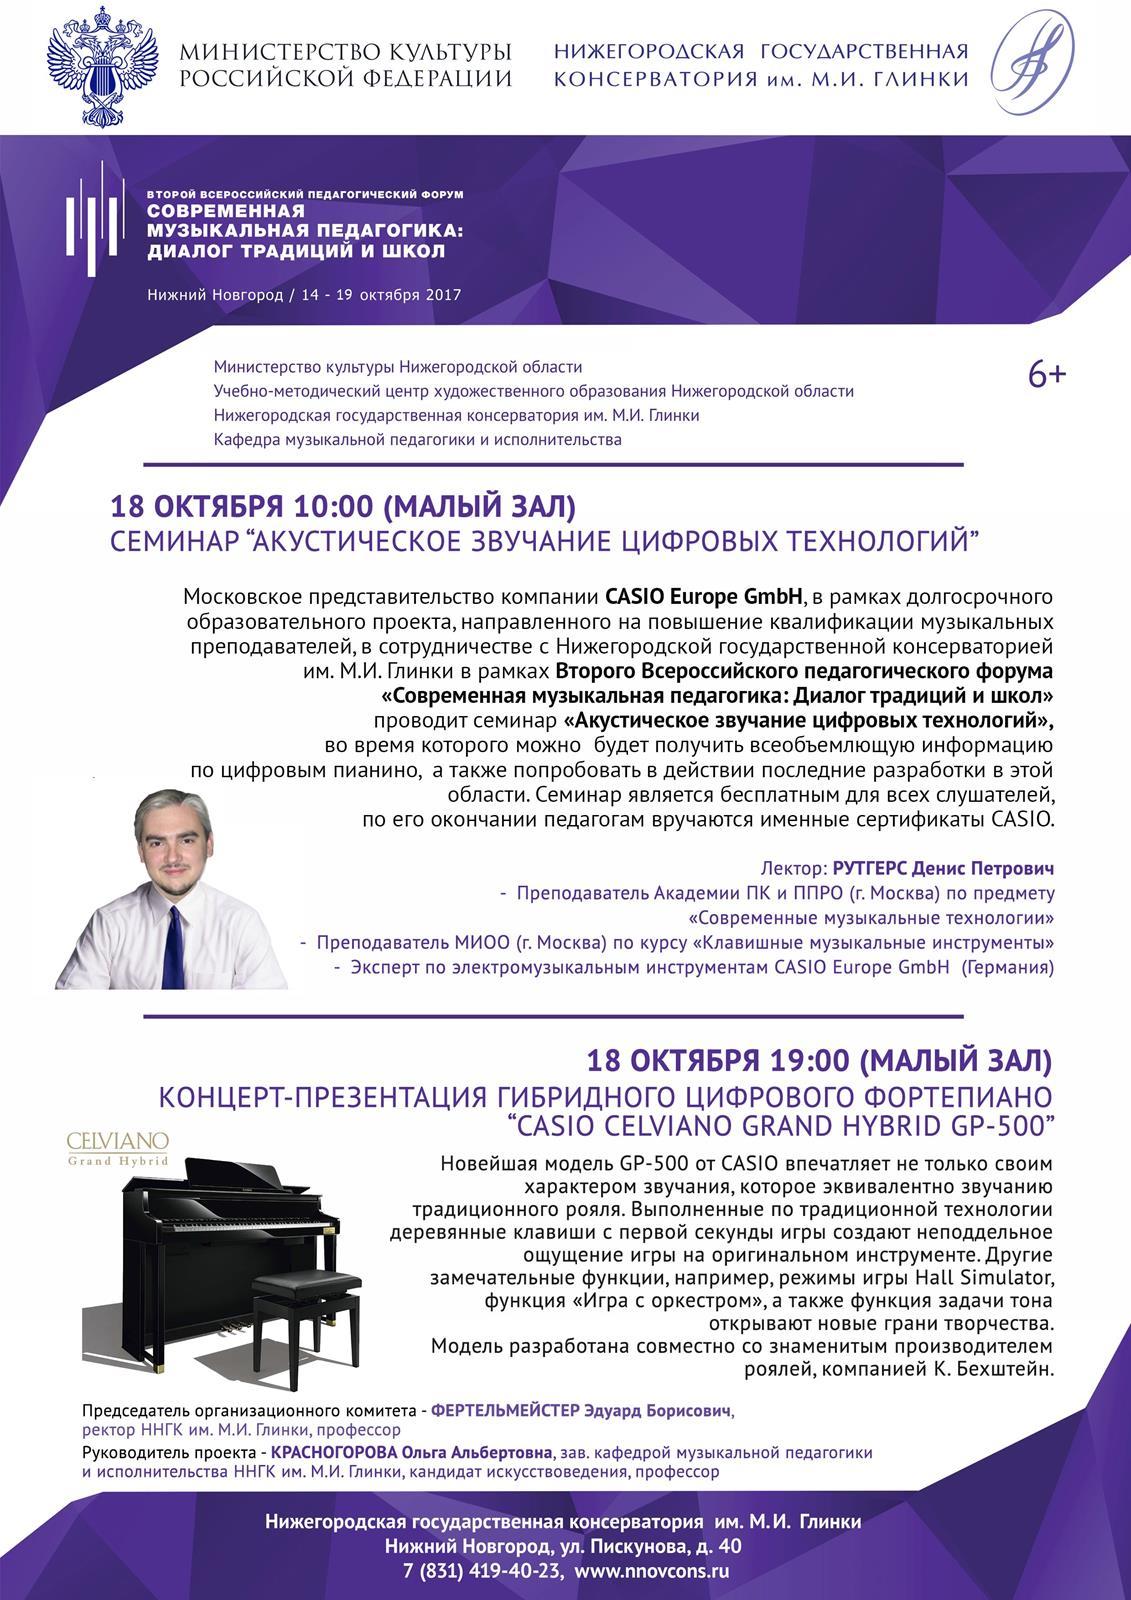 Концерт  «Акустическое звучание цифровых технологий»